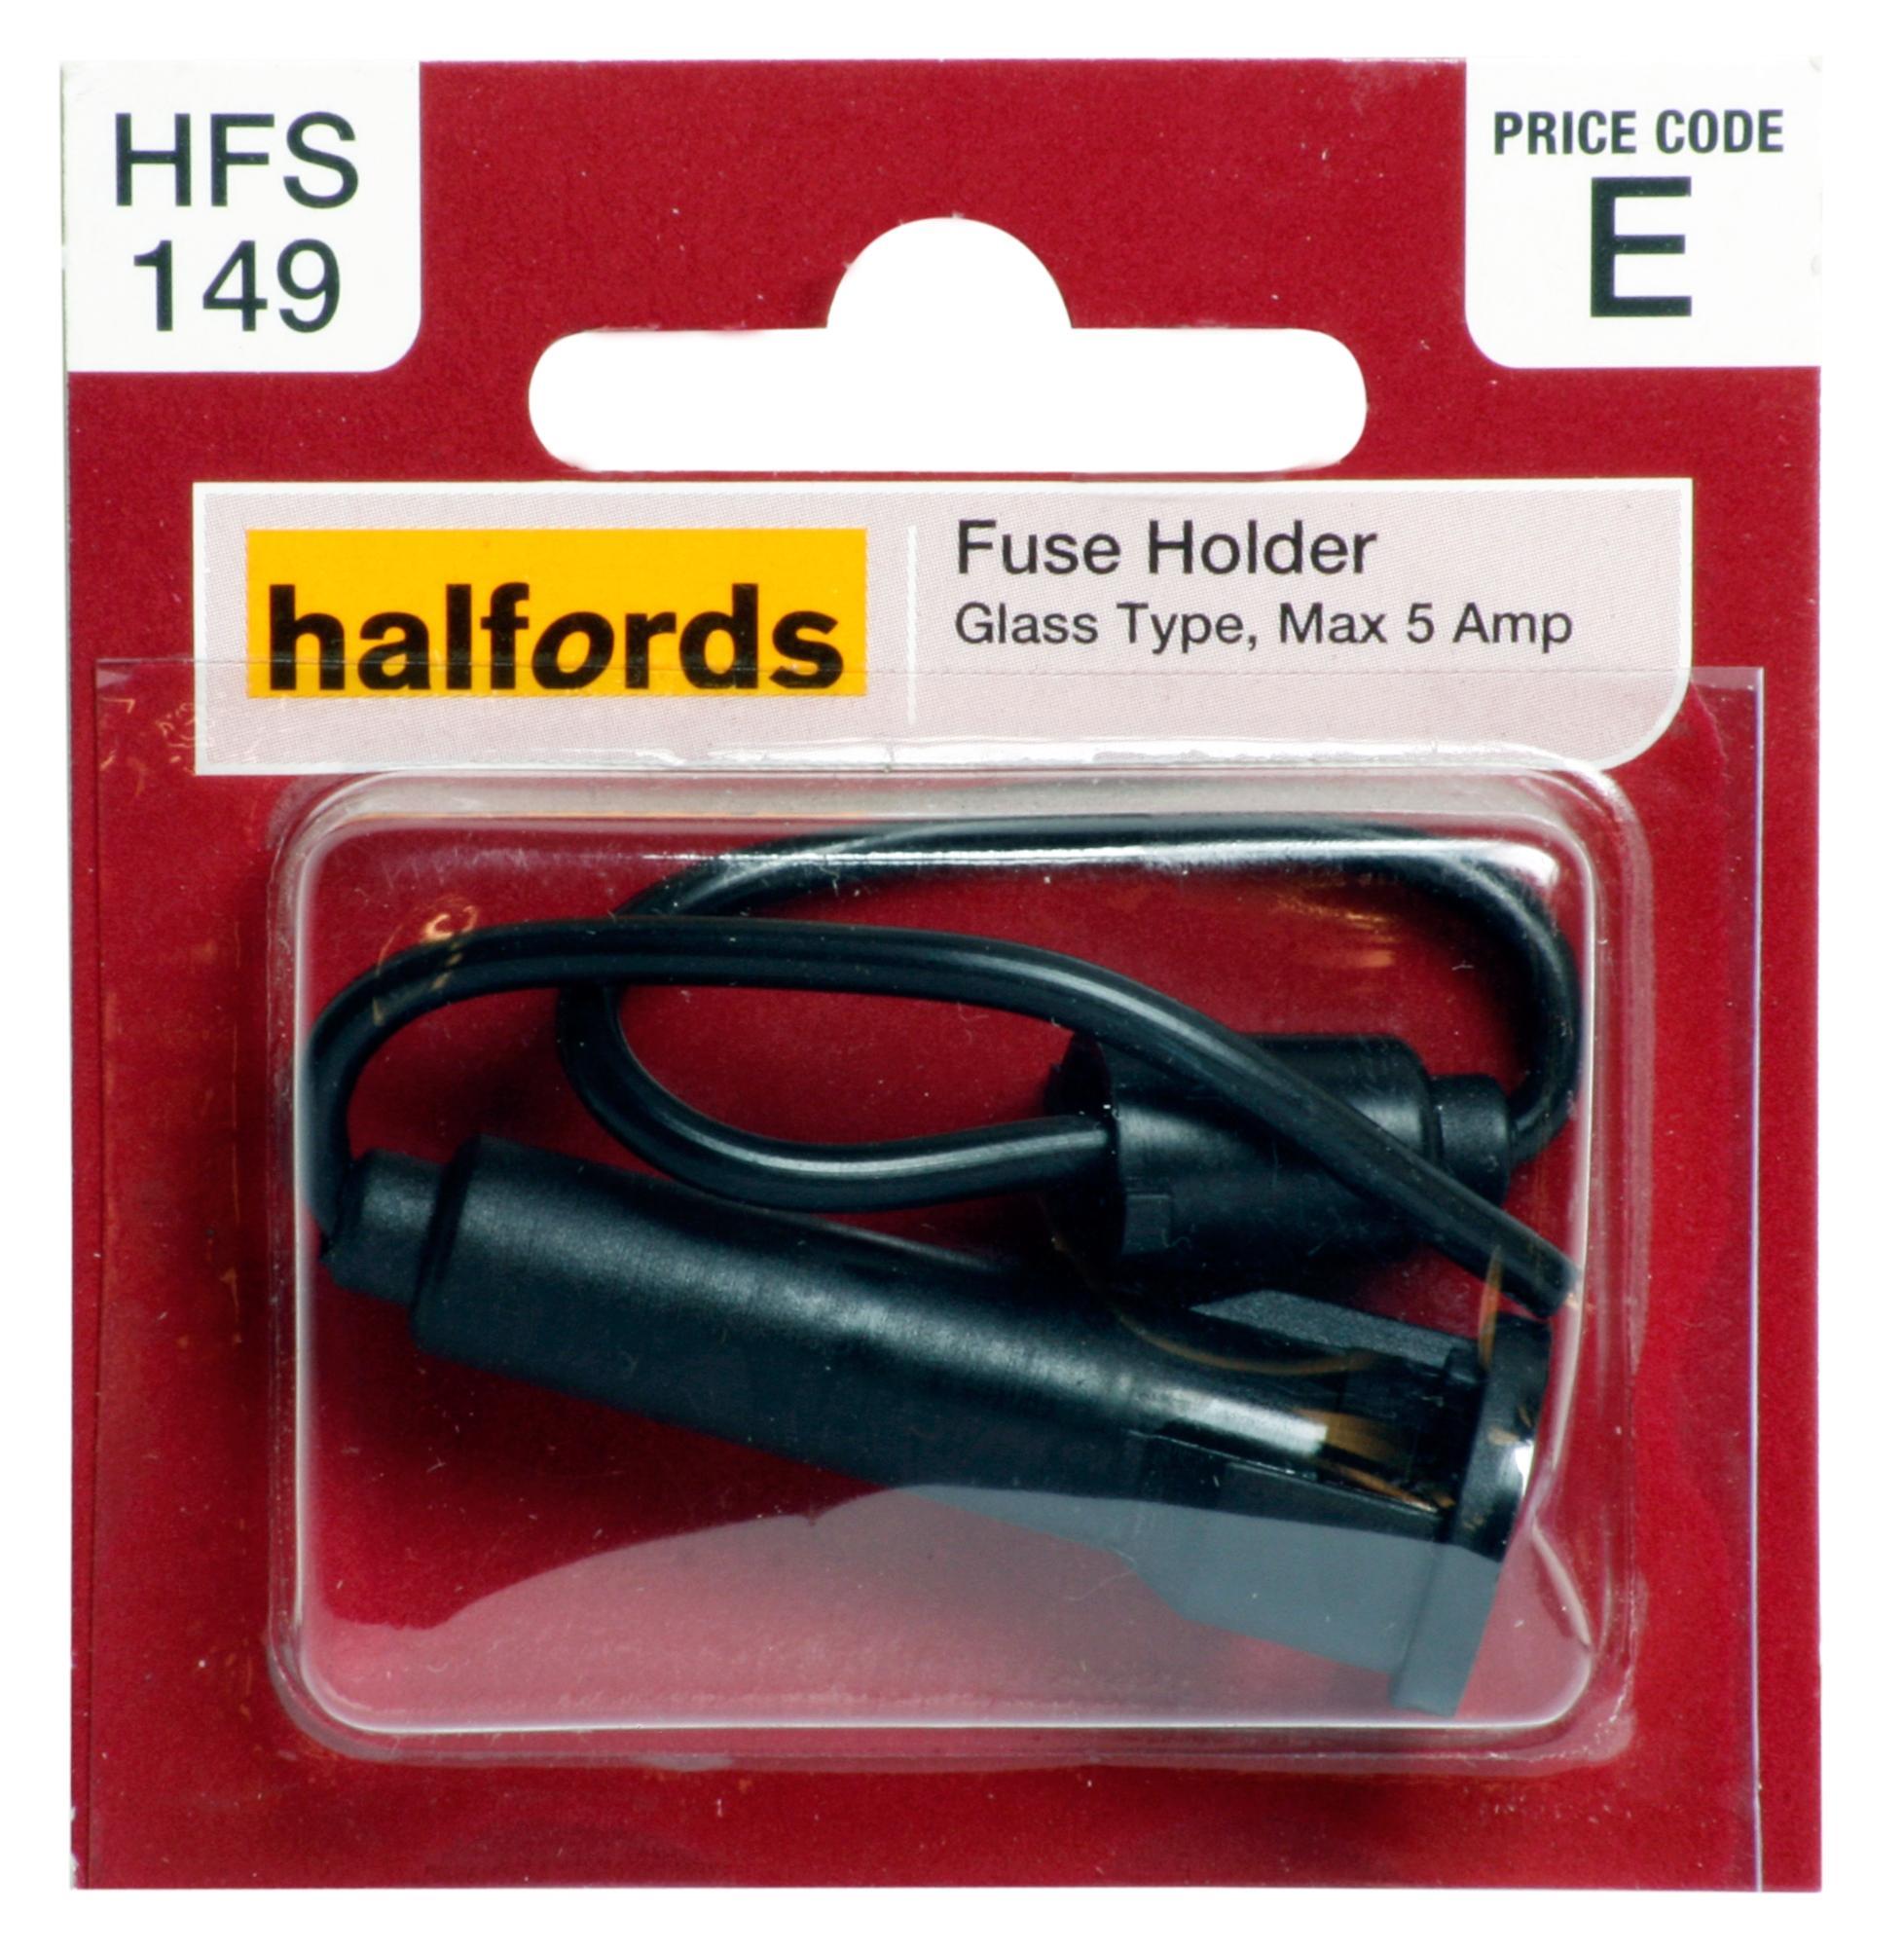 halfords fuse holder rh halfords com